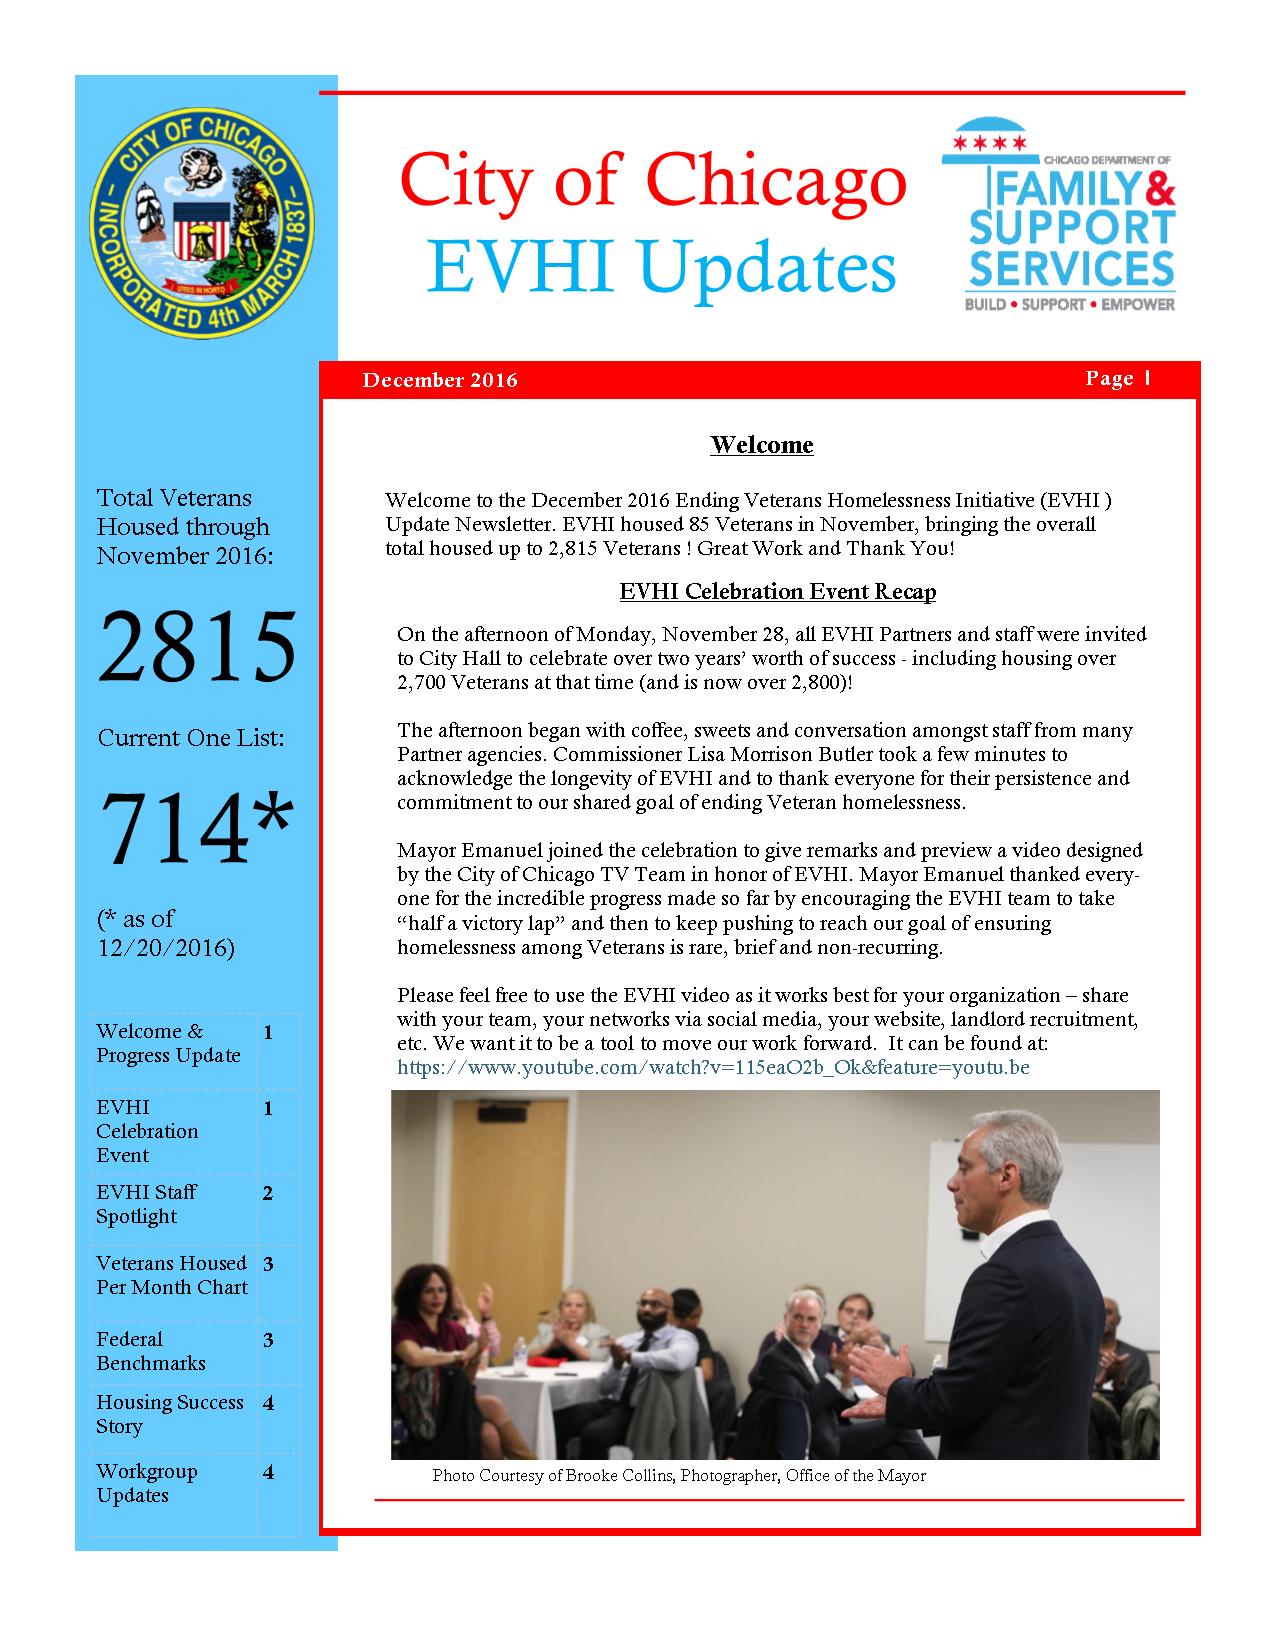 December 2016 EVHI Updates_pg1.png